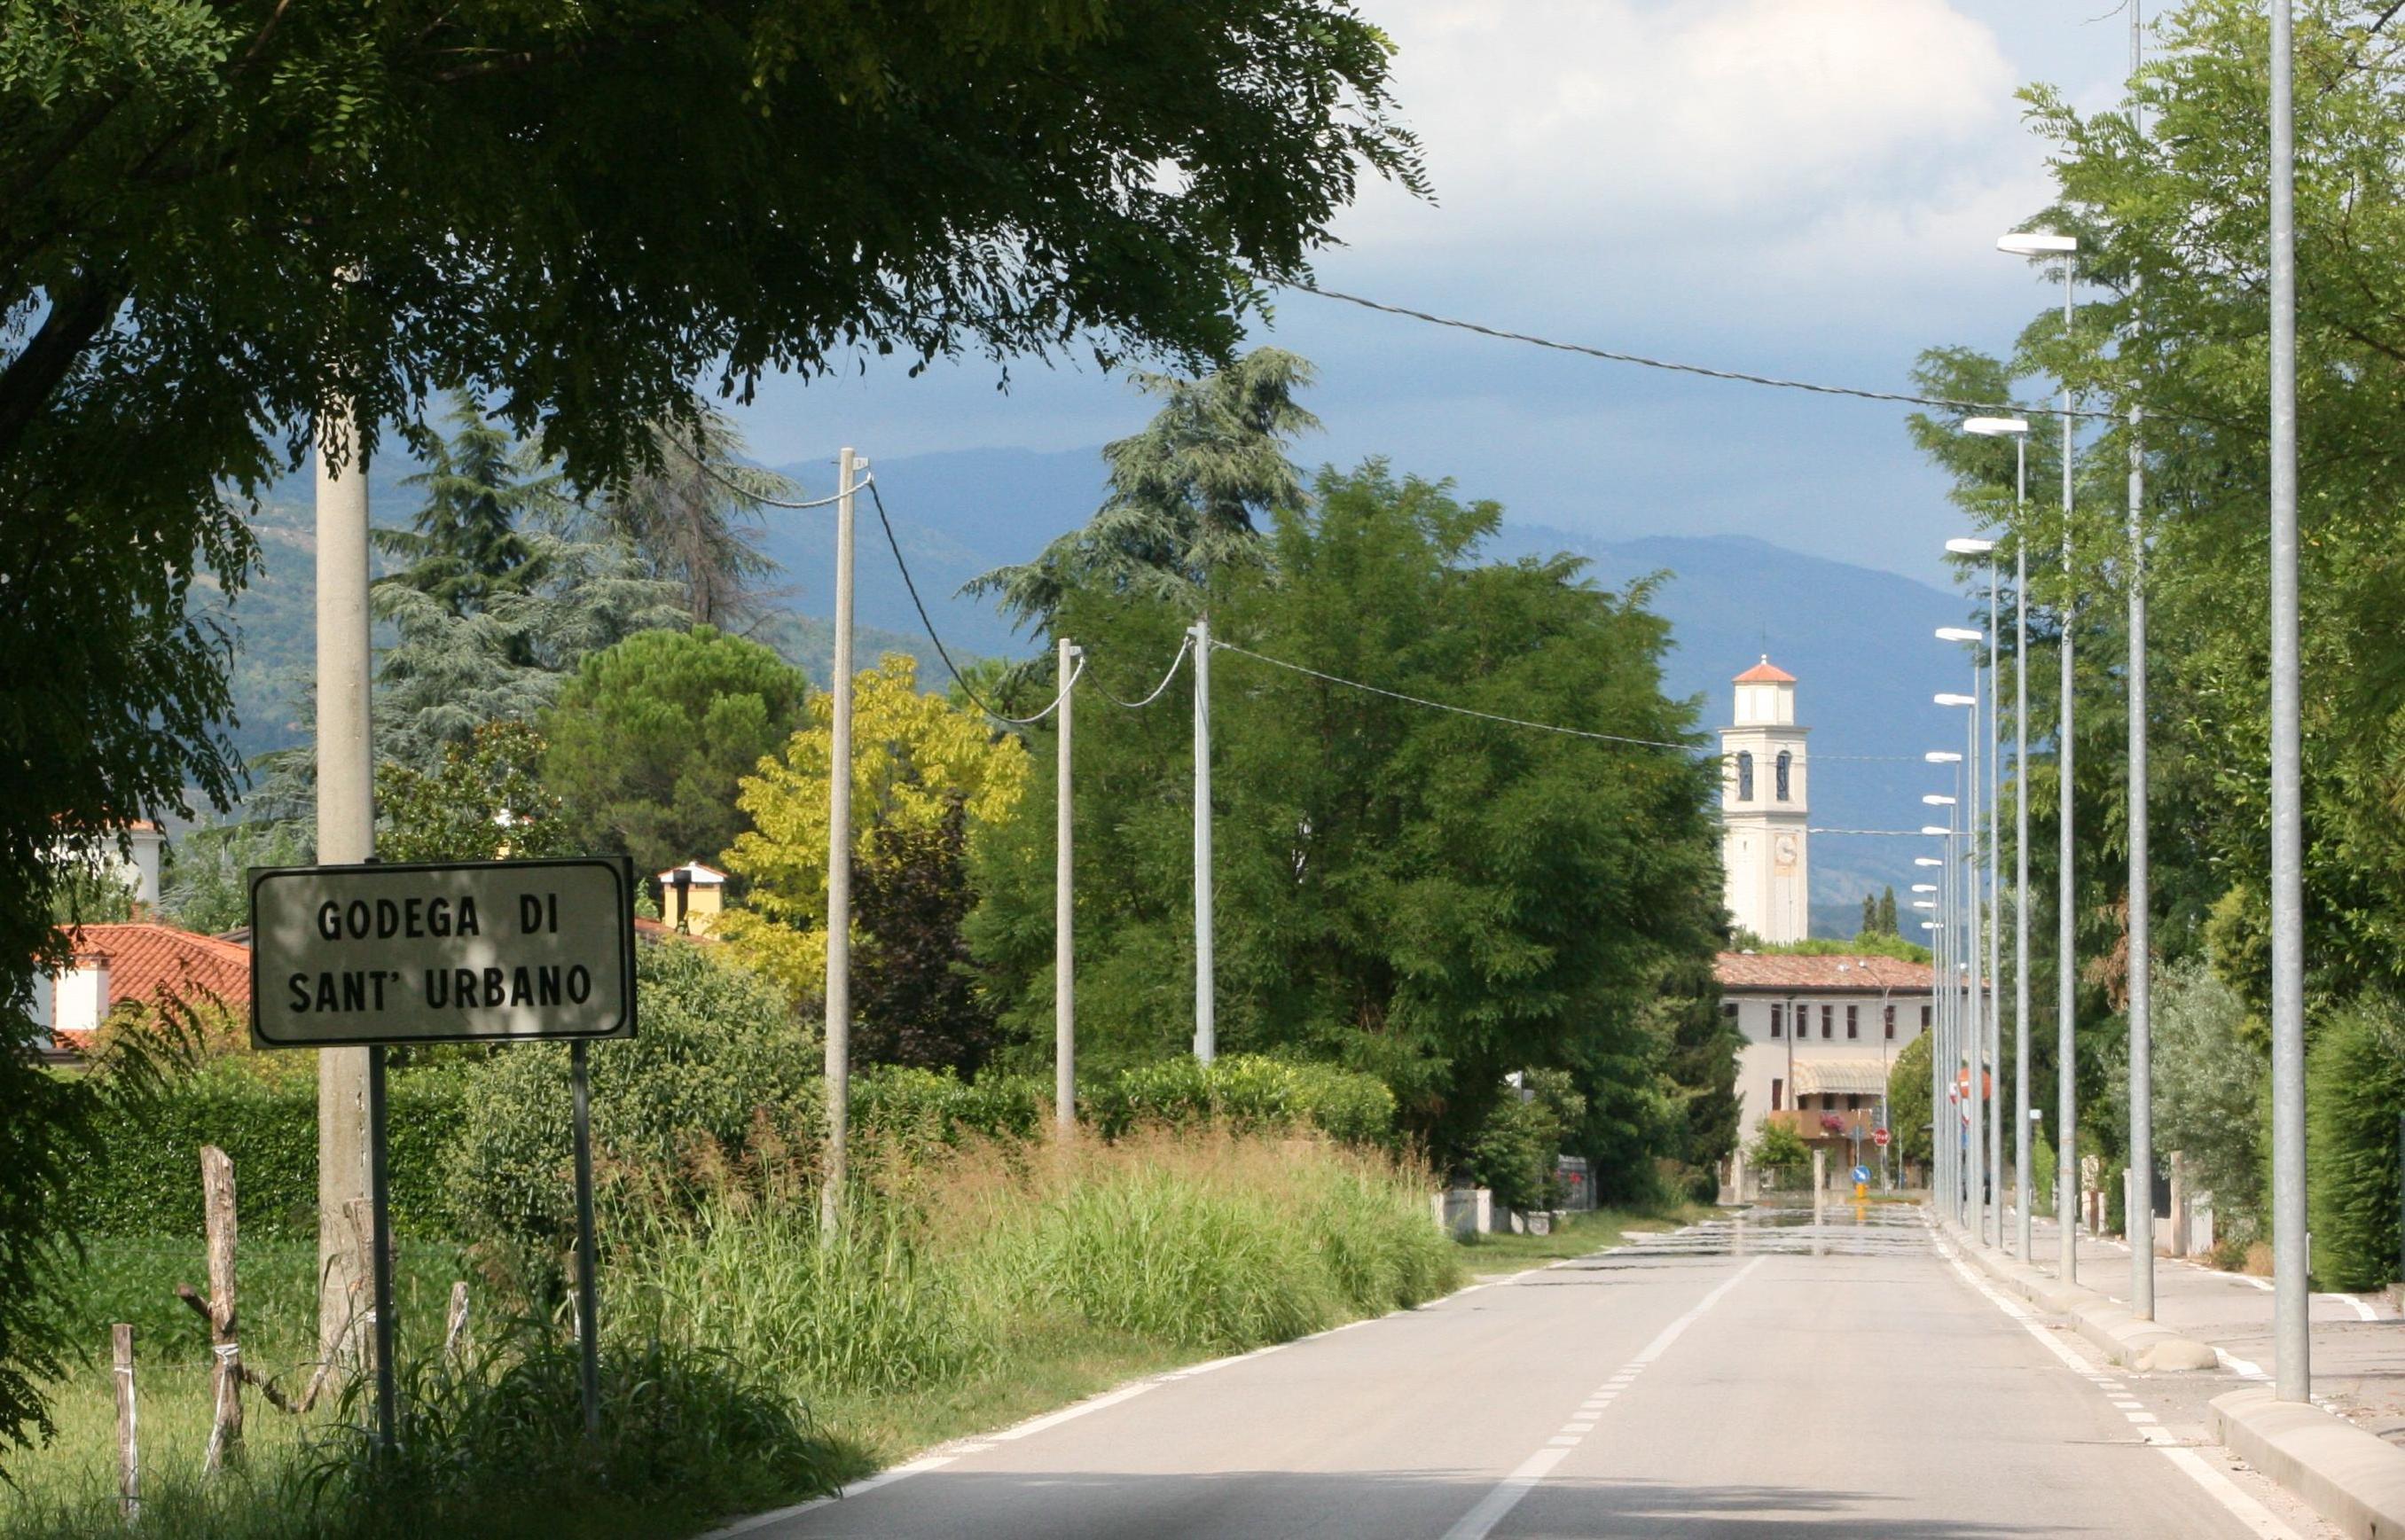 Comune Di Godega Di Sant Urbano.Godega Di Sant Urbano Wikipedia